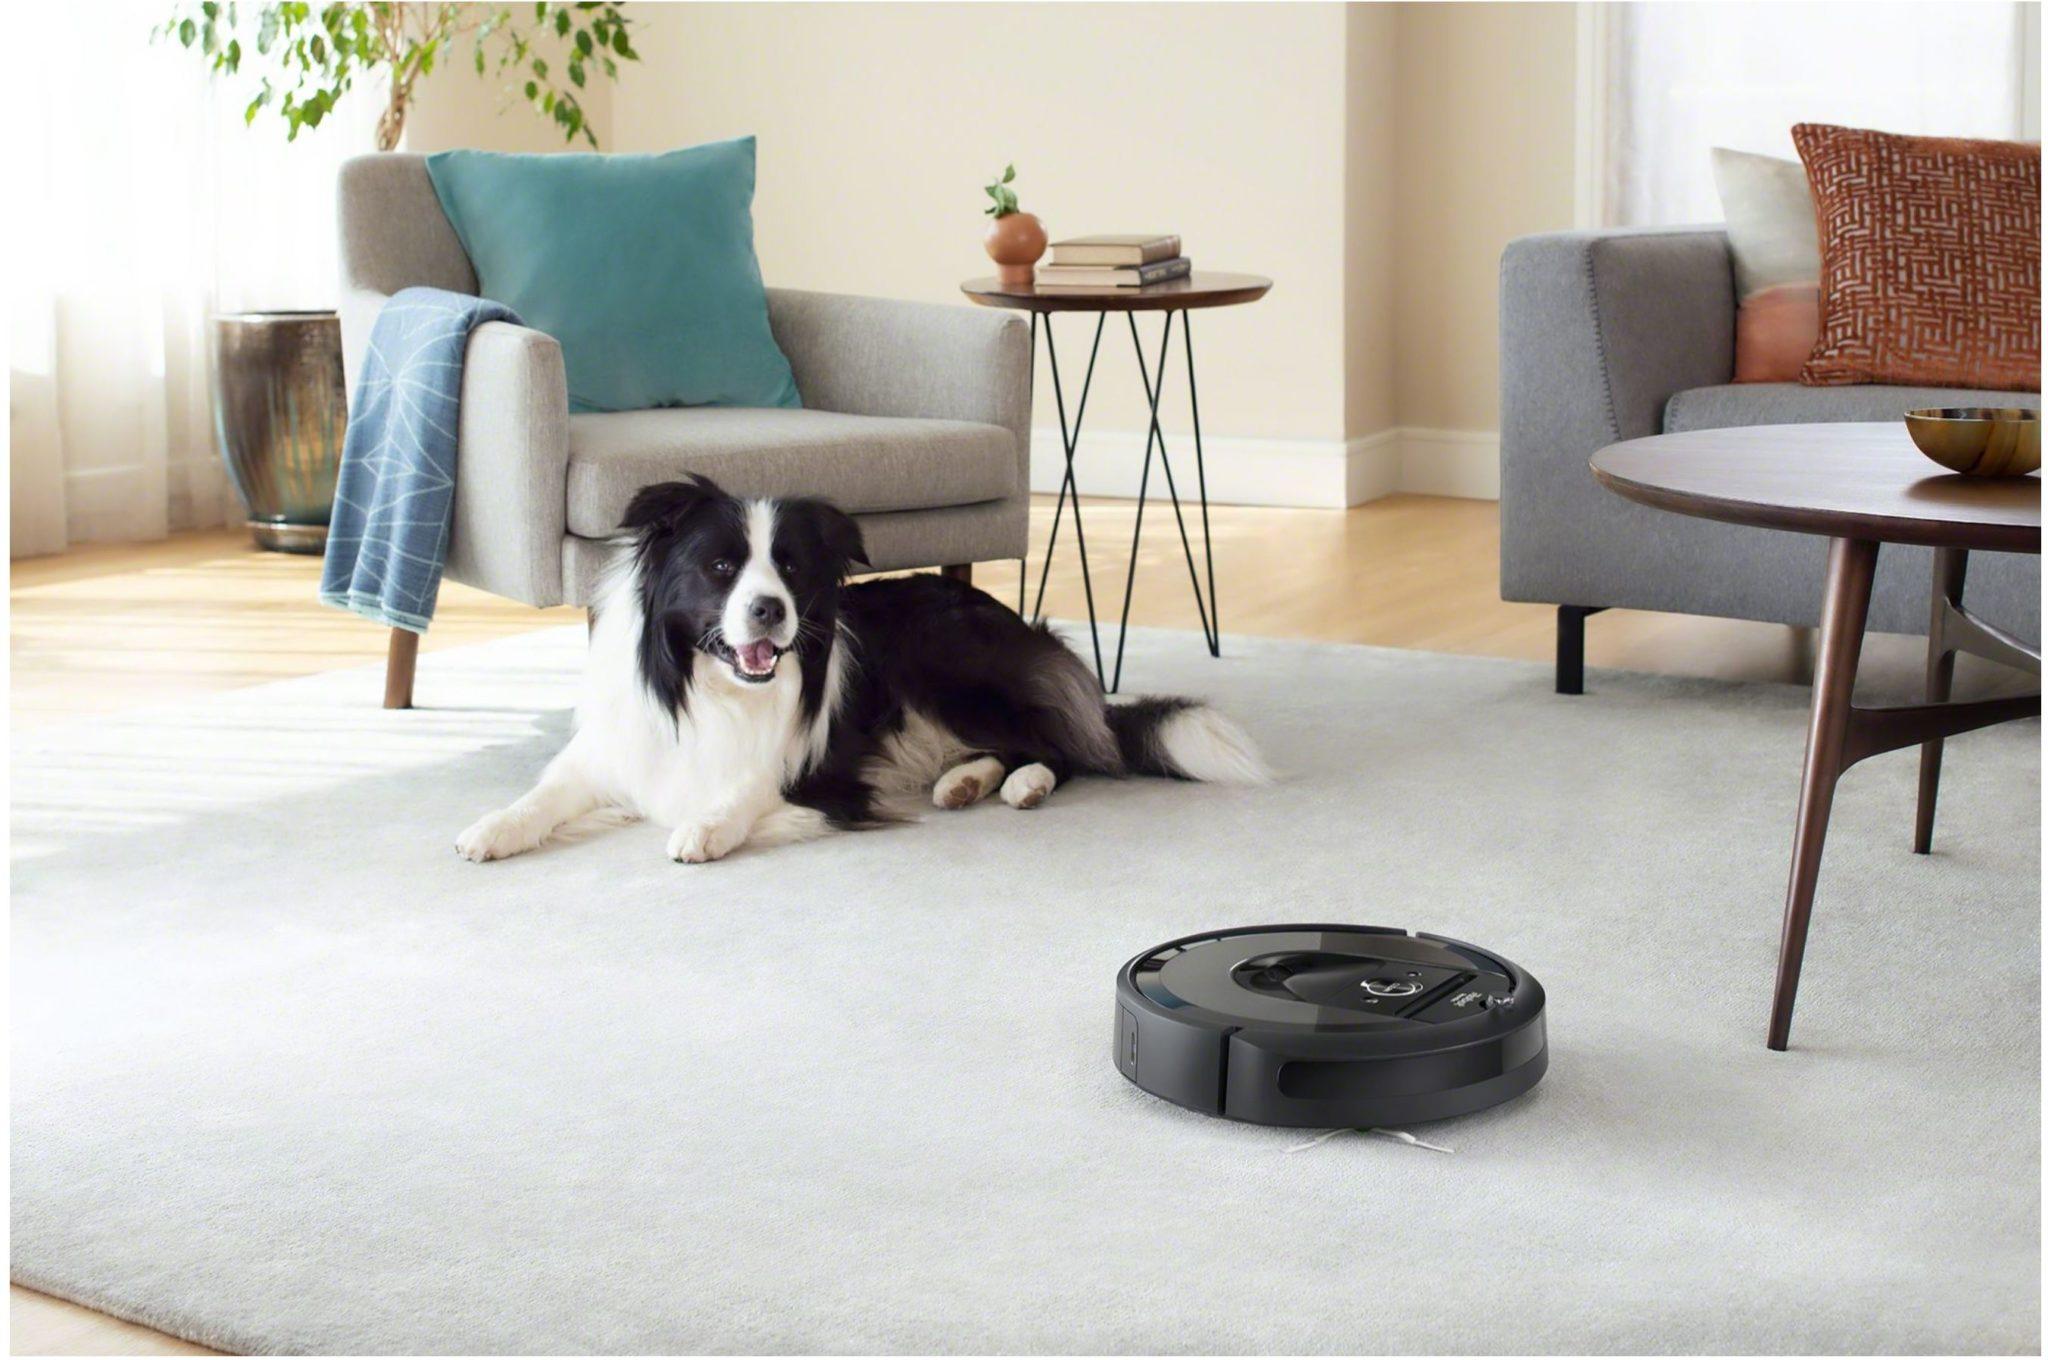 Najpopularniejsze roboty sprzątające - TOP 10 - iRobot Roomba i7 - pies